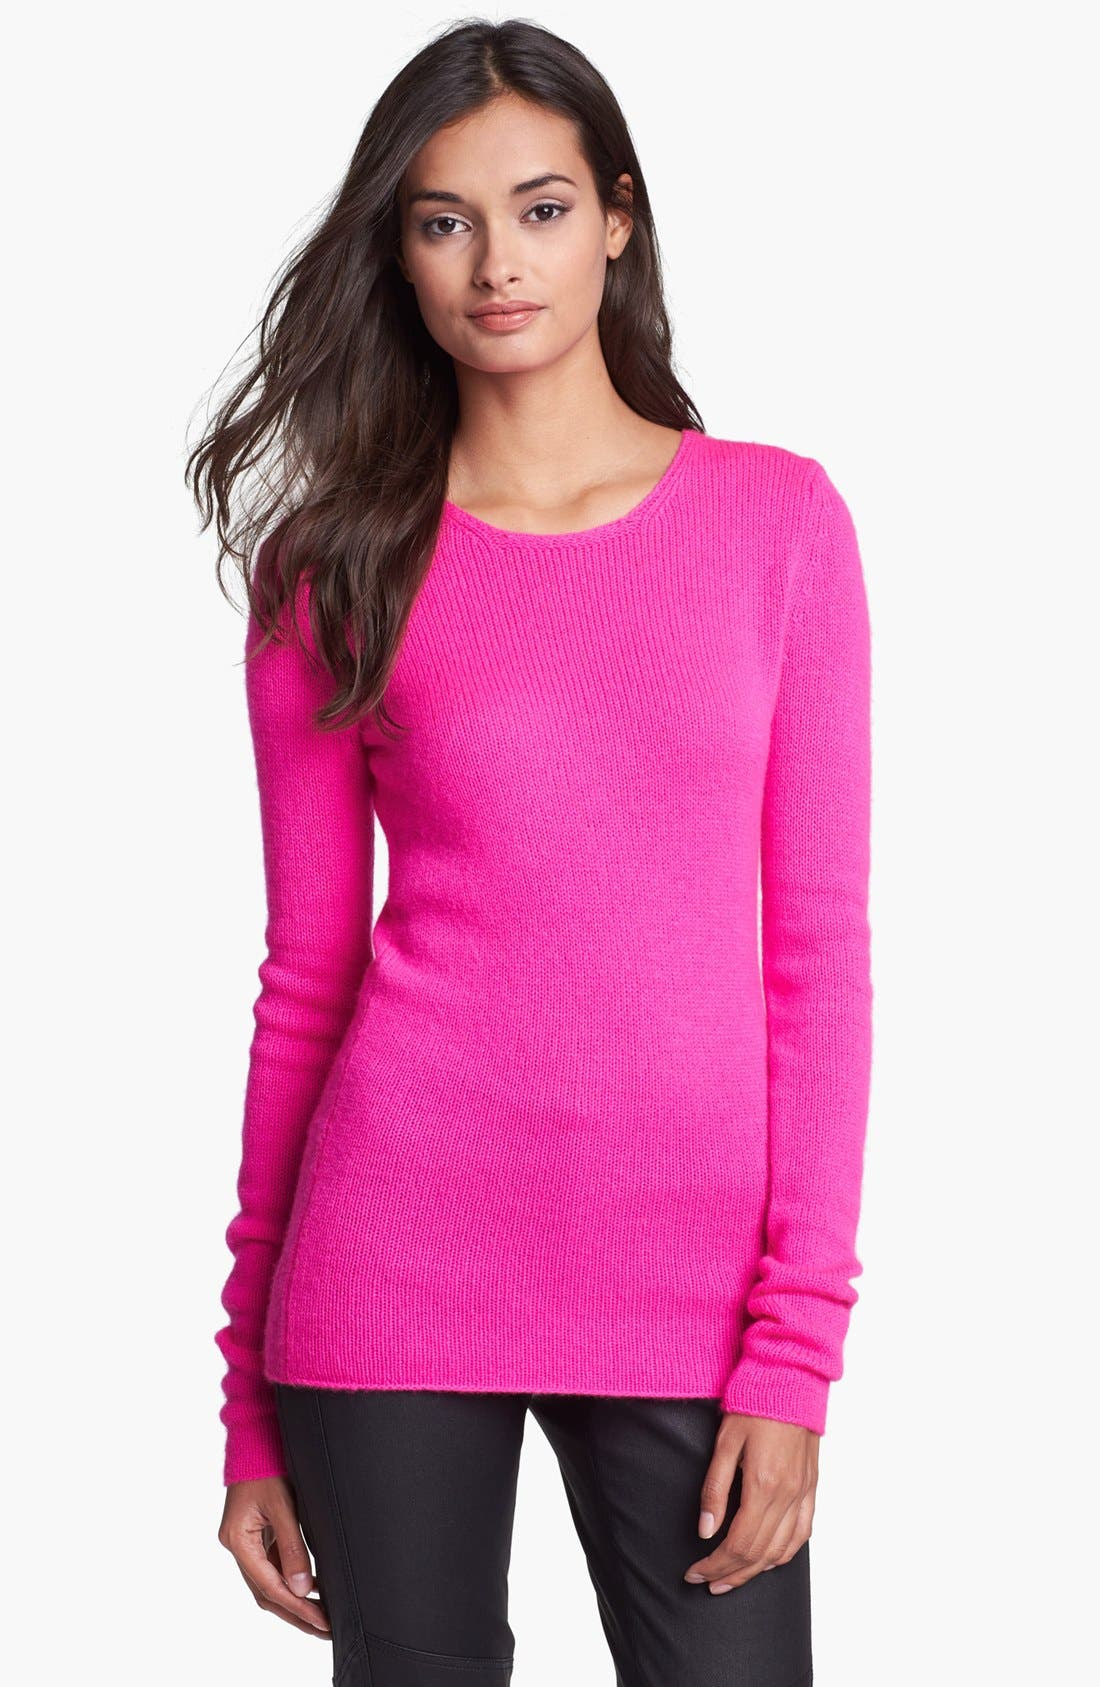 Main Image - Diane von Furstenberg 'Niseko' Cashmere Sweater